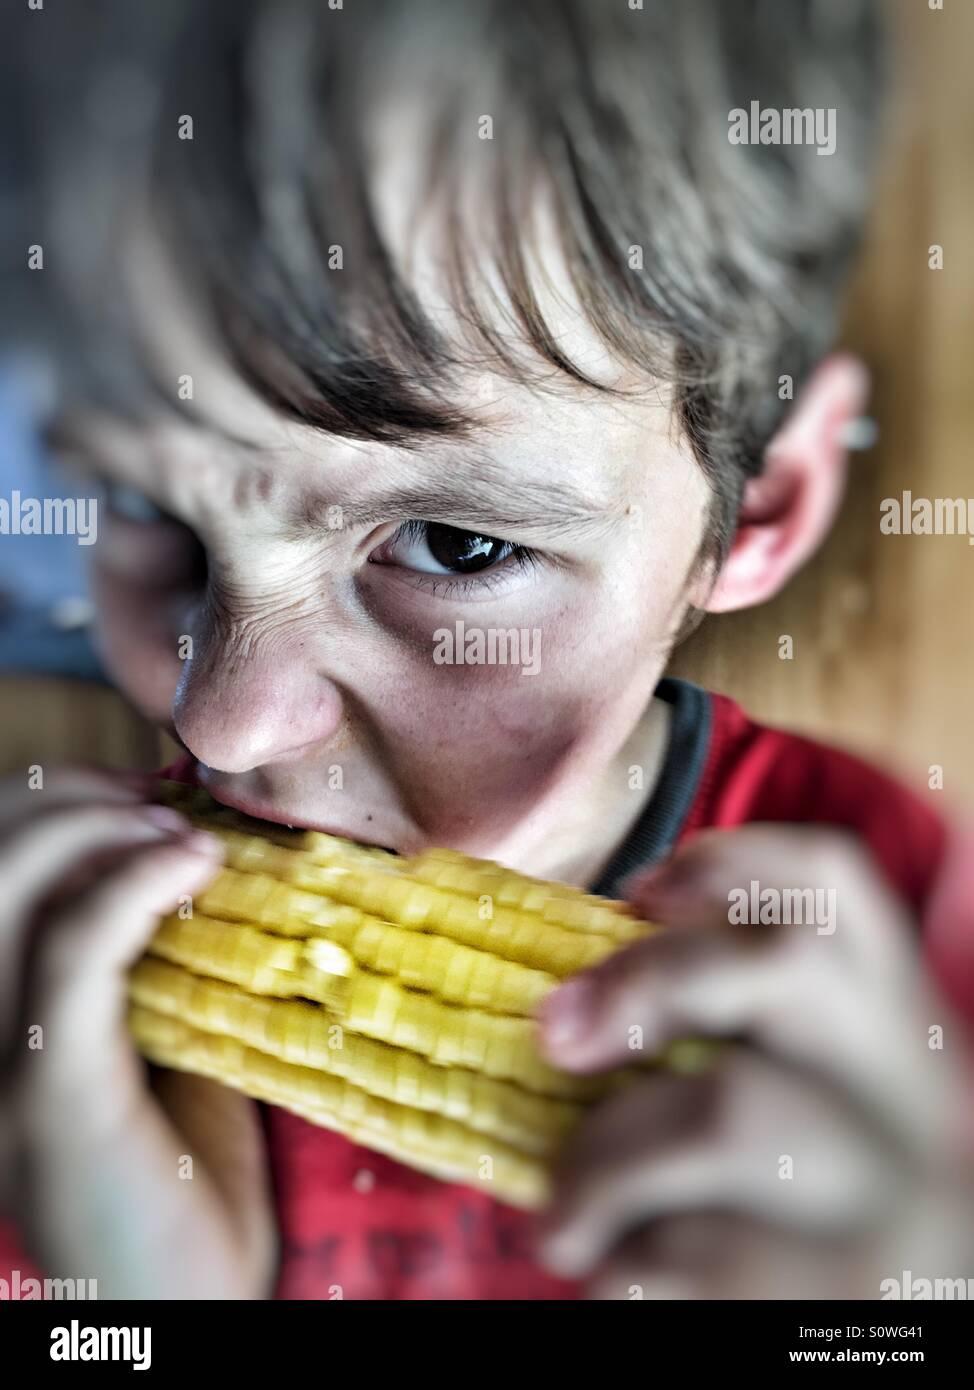 Junge Mais Maiskolben essen Stockbild